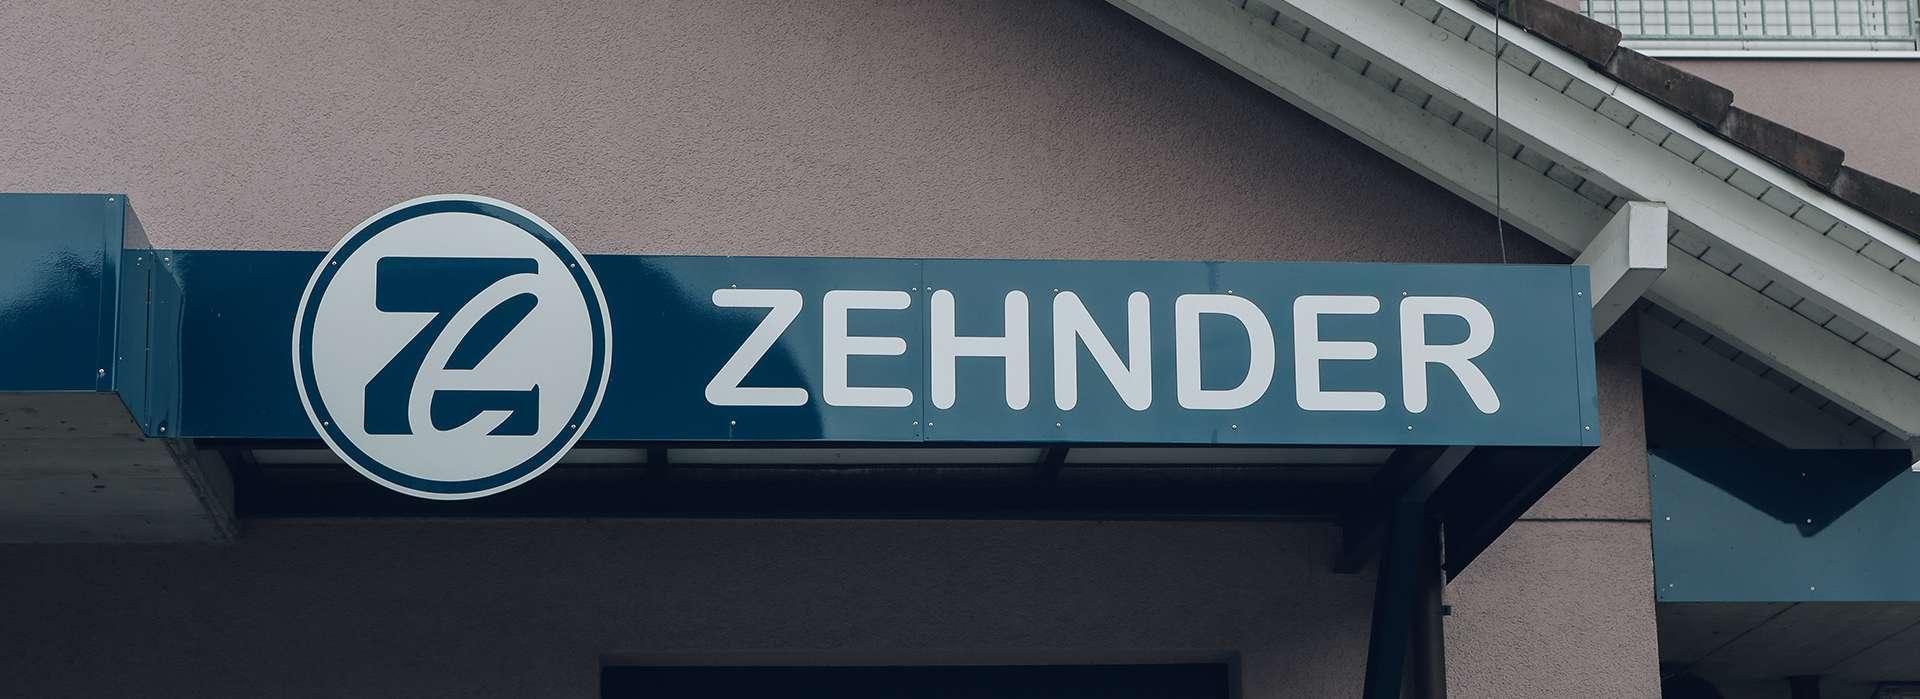 Carrosserie - Autospritzwerk Zehnder GmbH